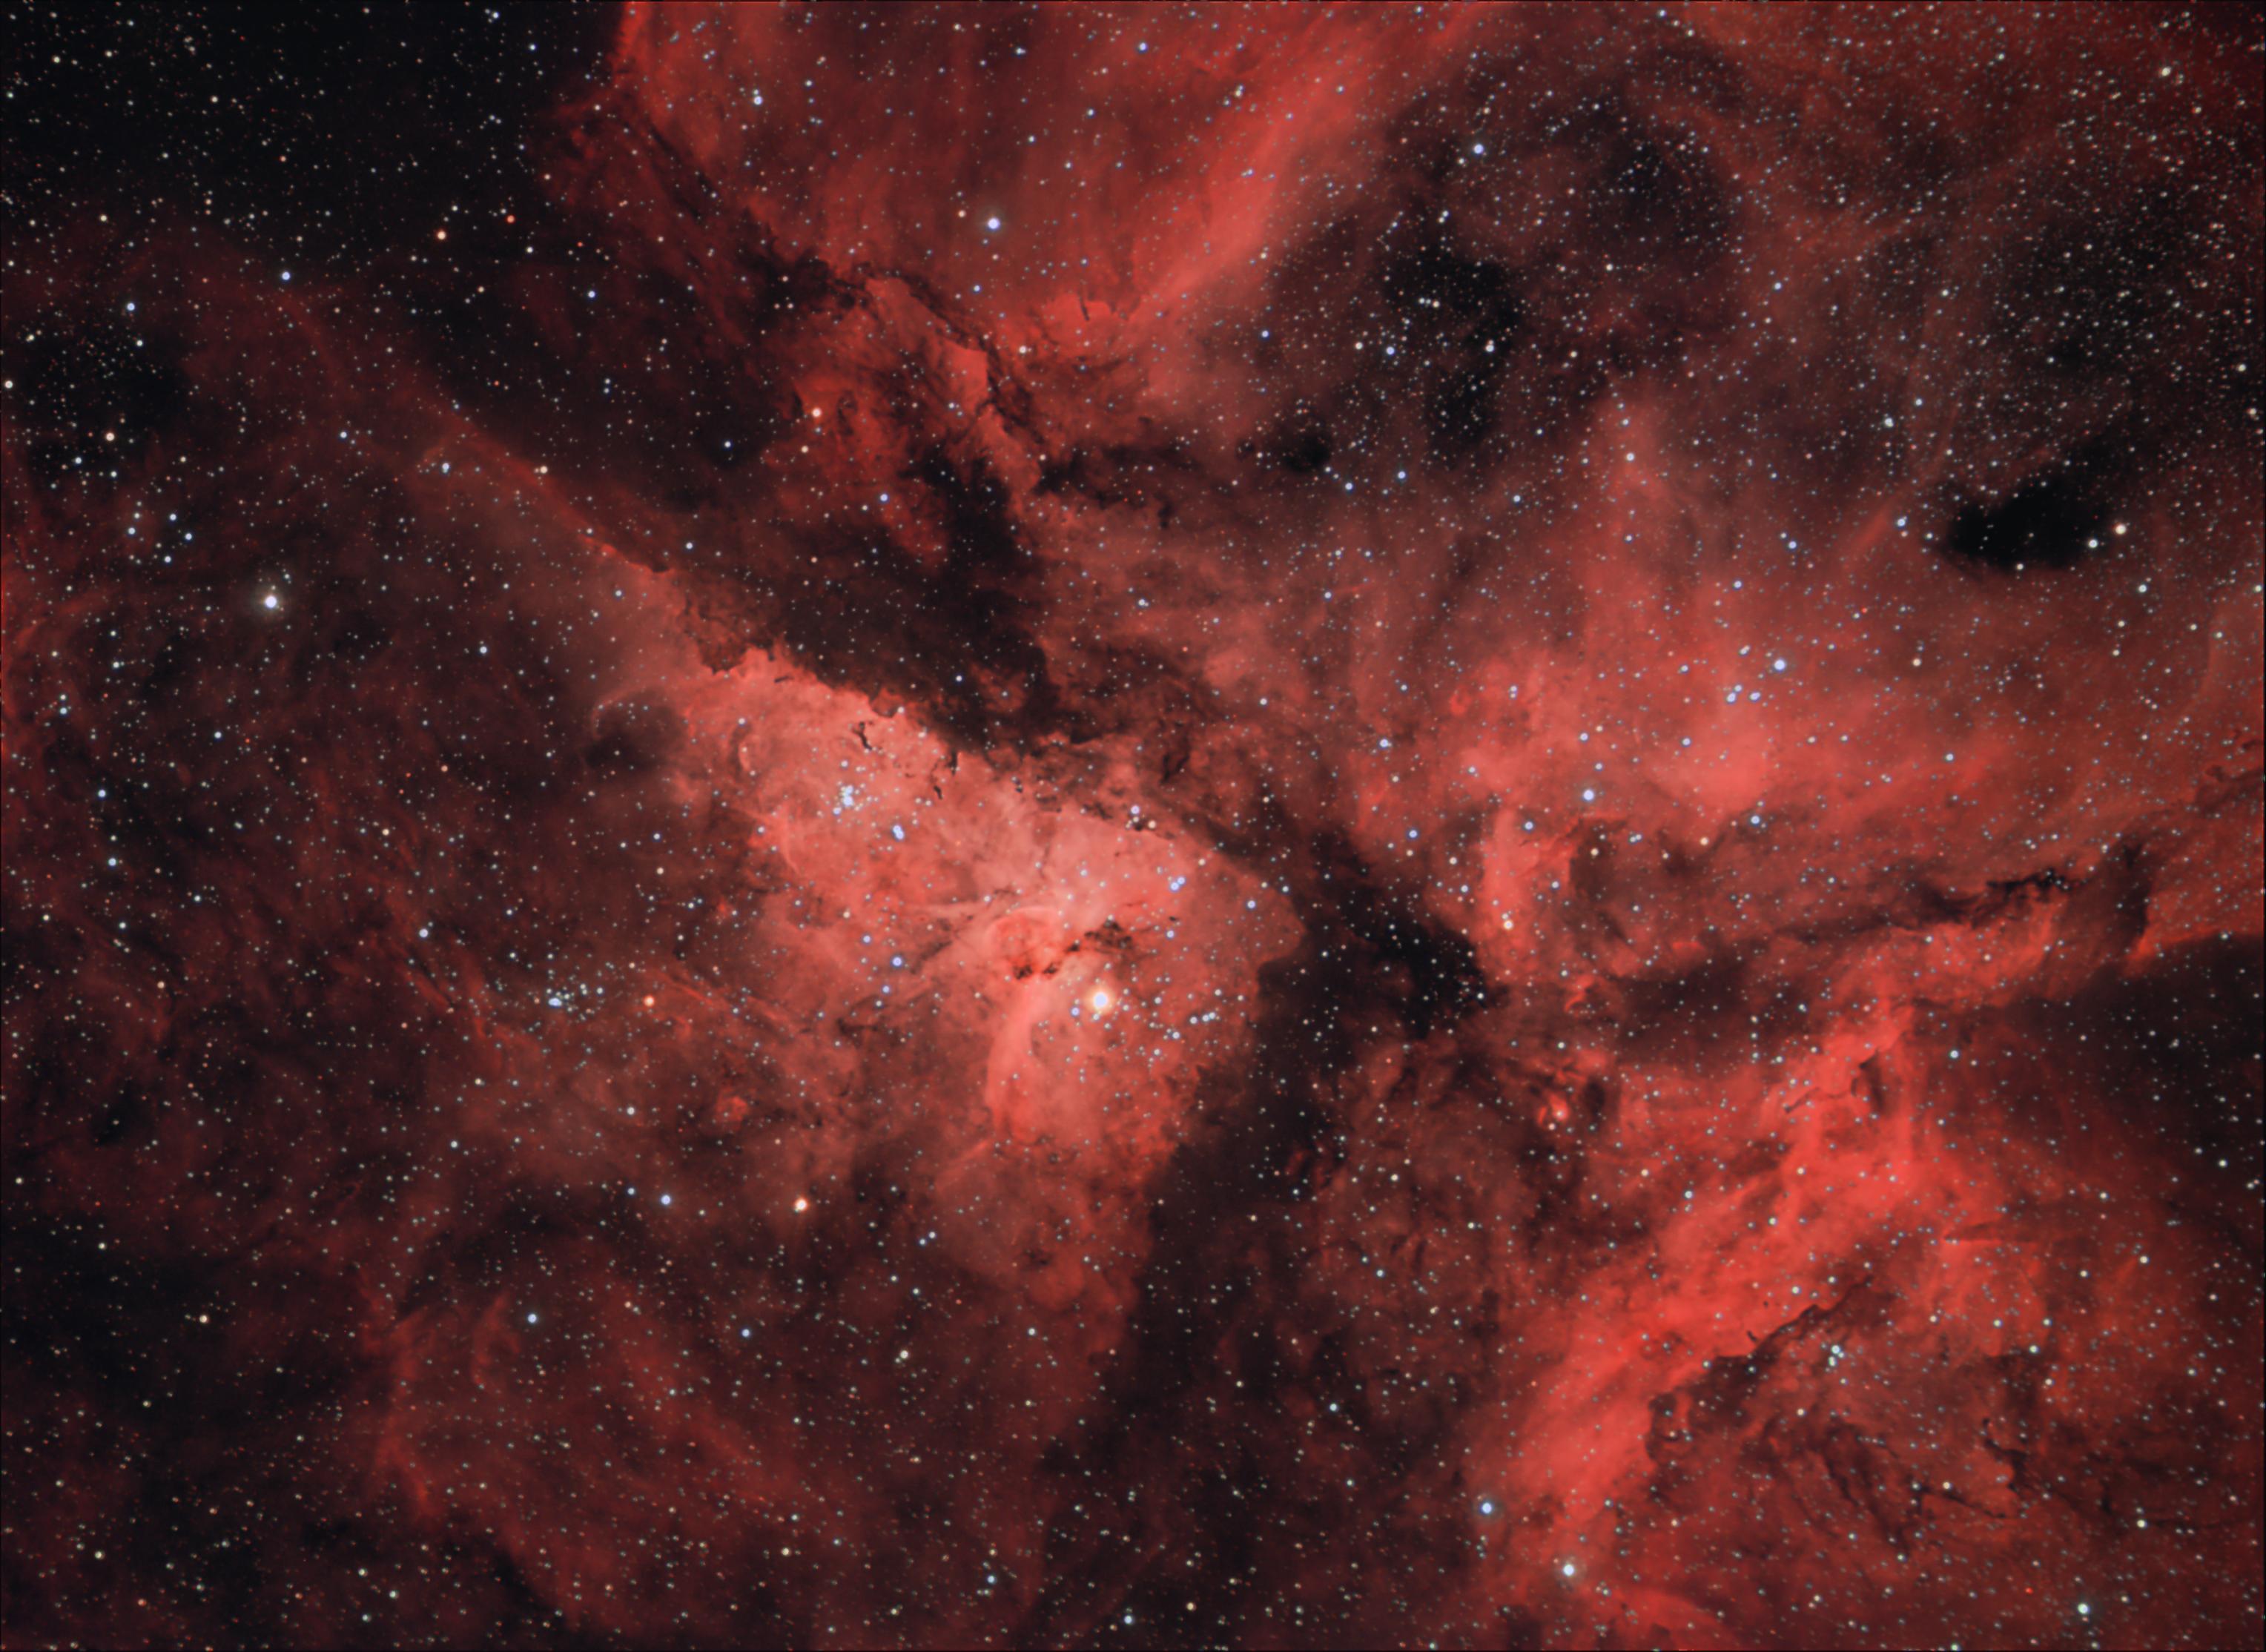 NGC 3372 - The Eta Carinae Nebula